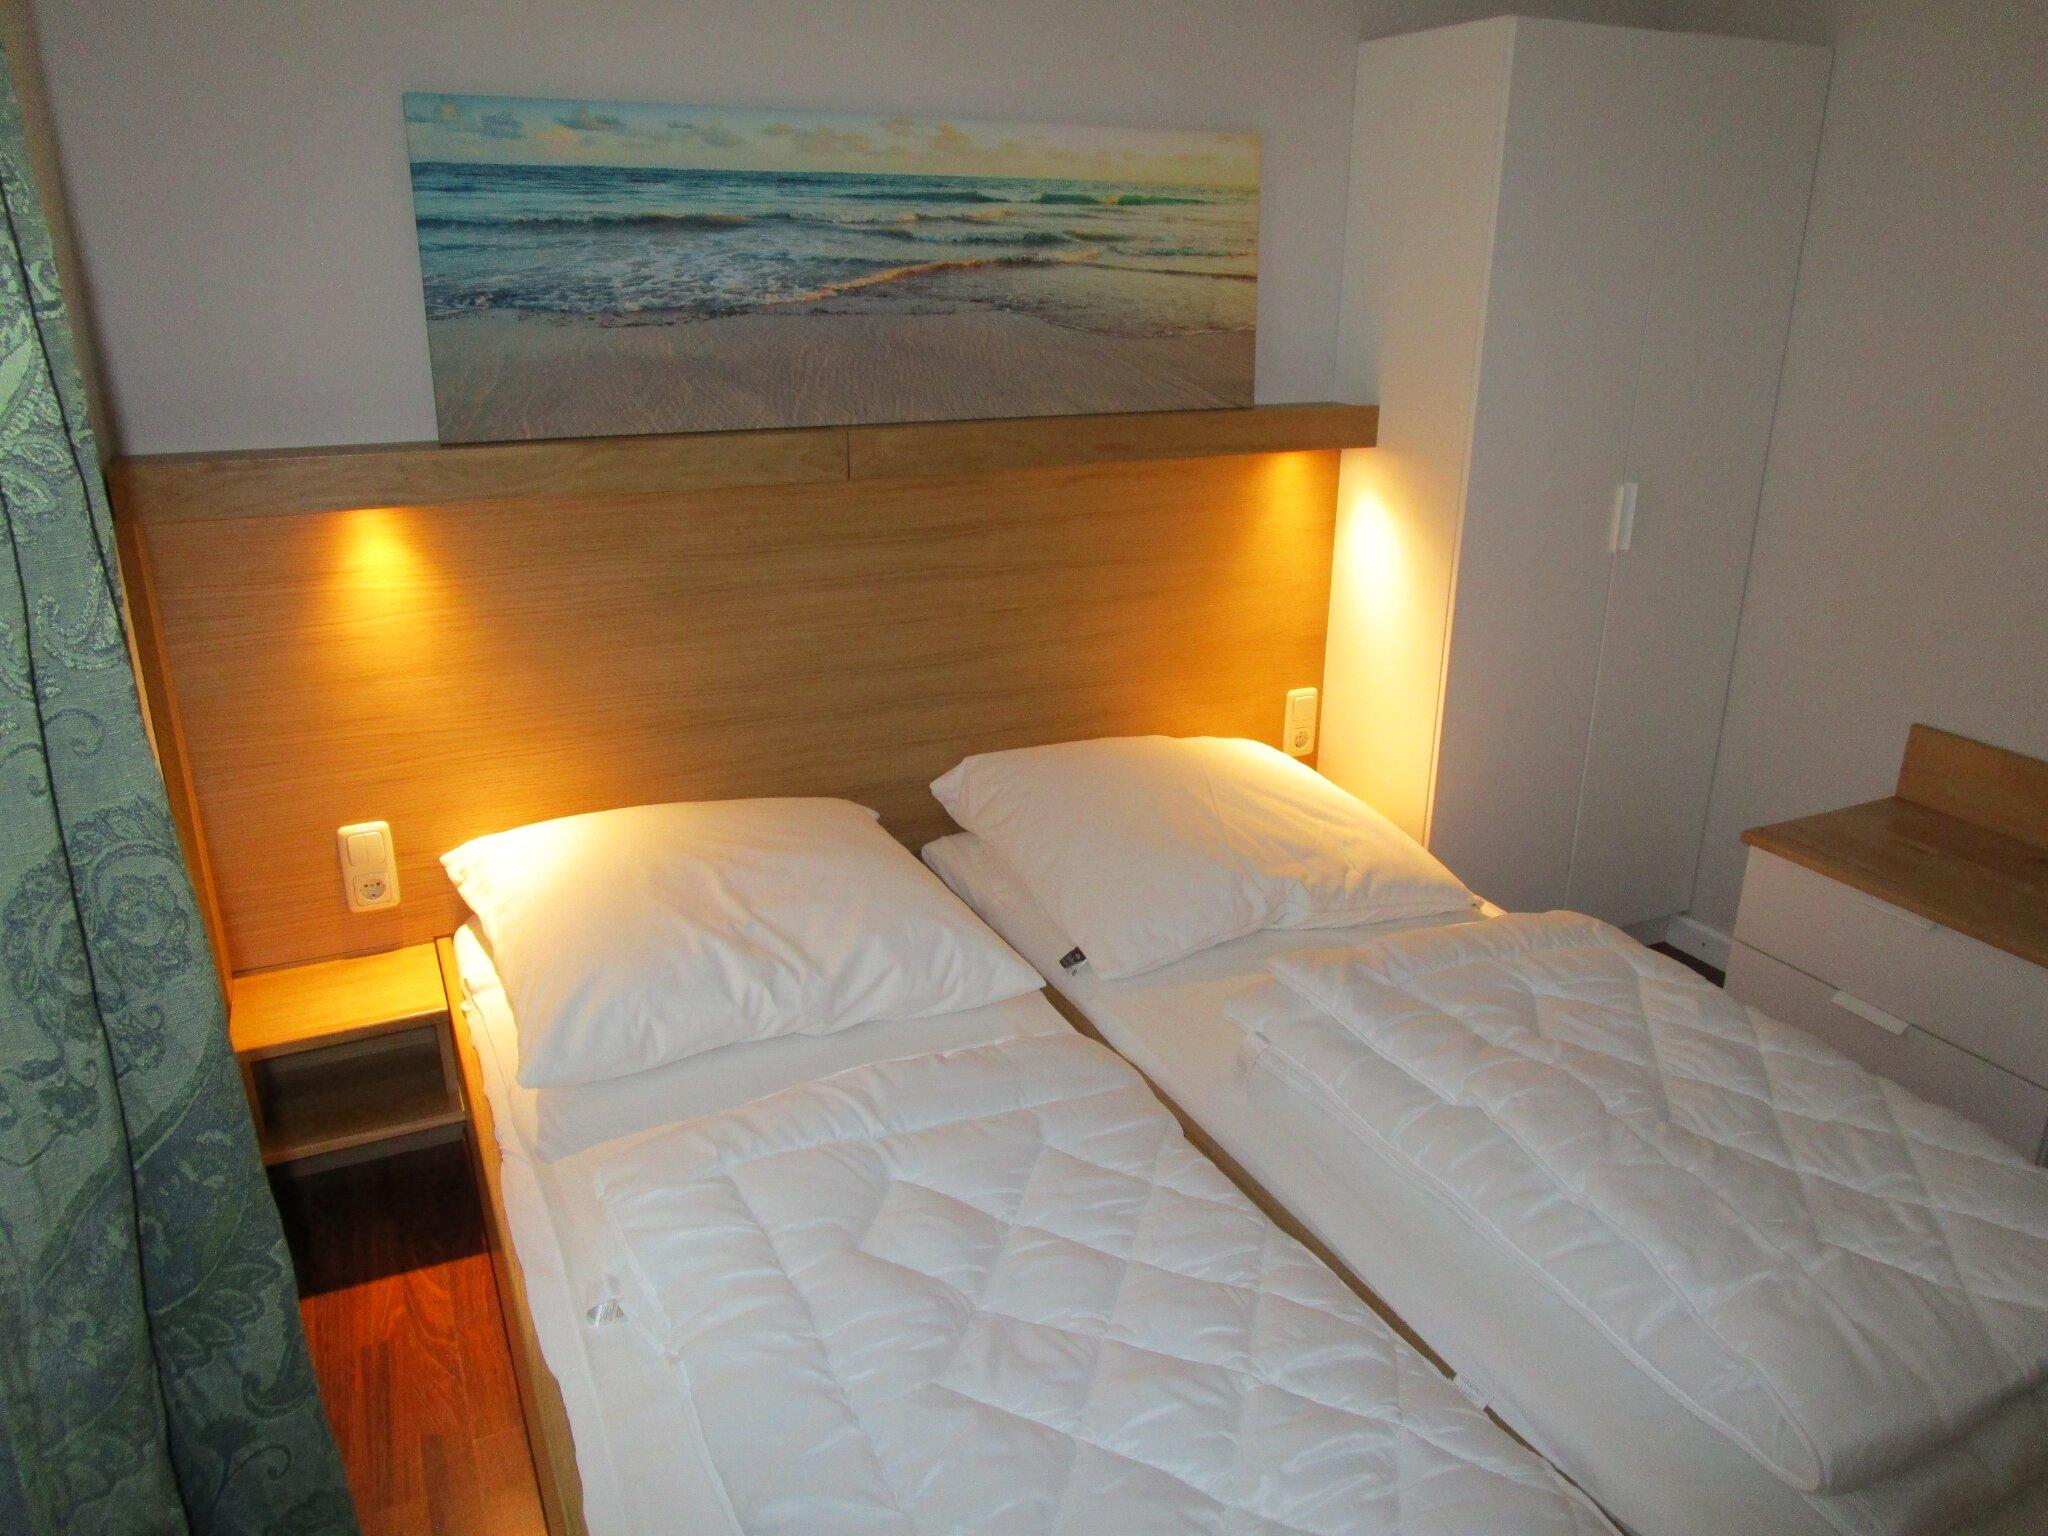 1 Schlafraum mit einem Doppelbett